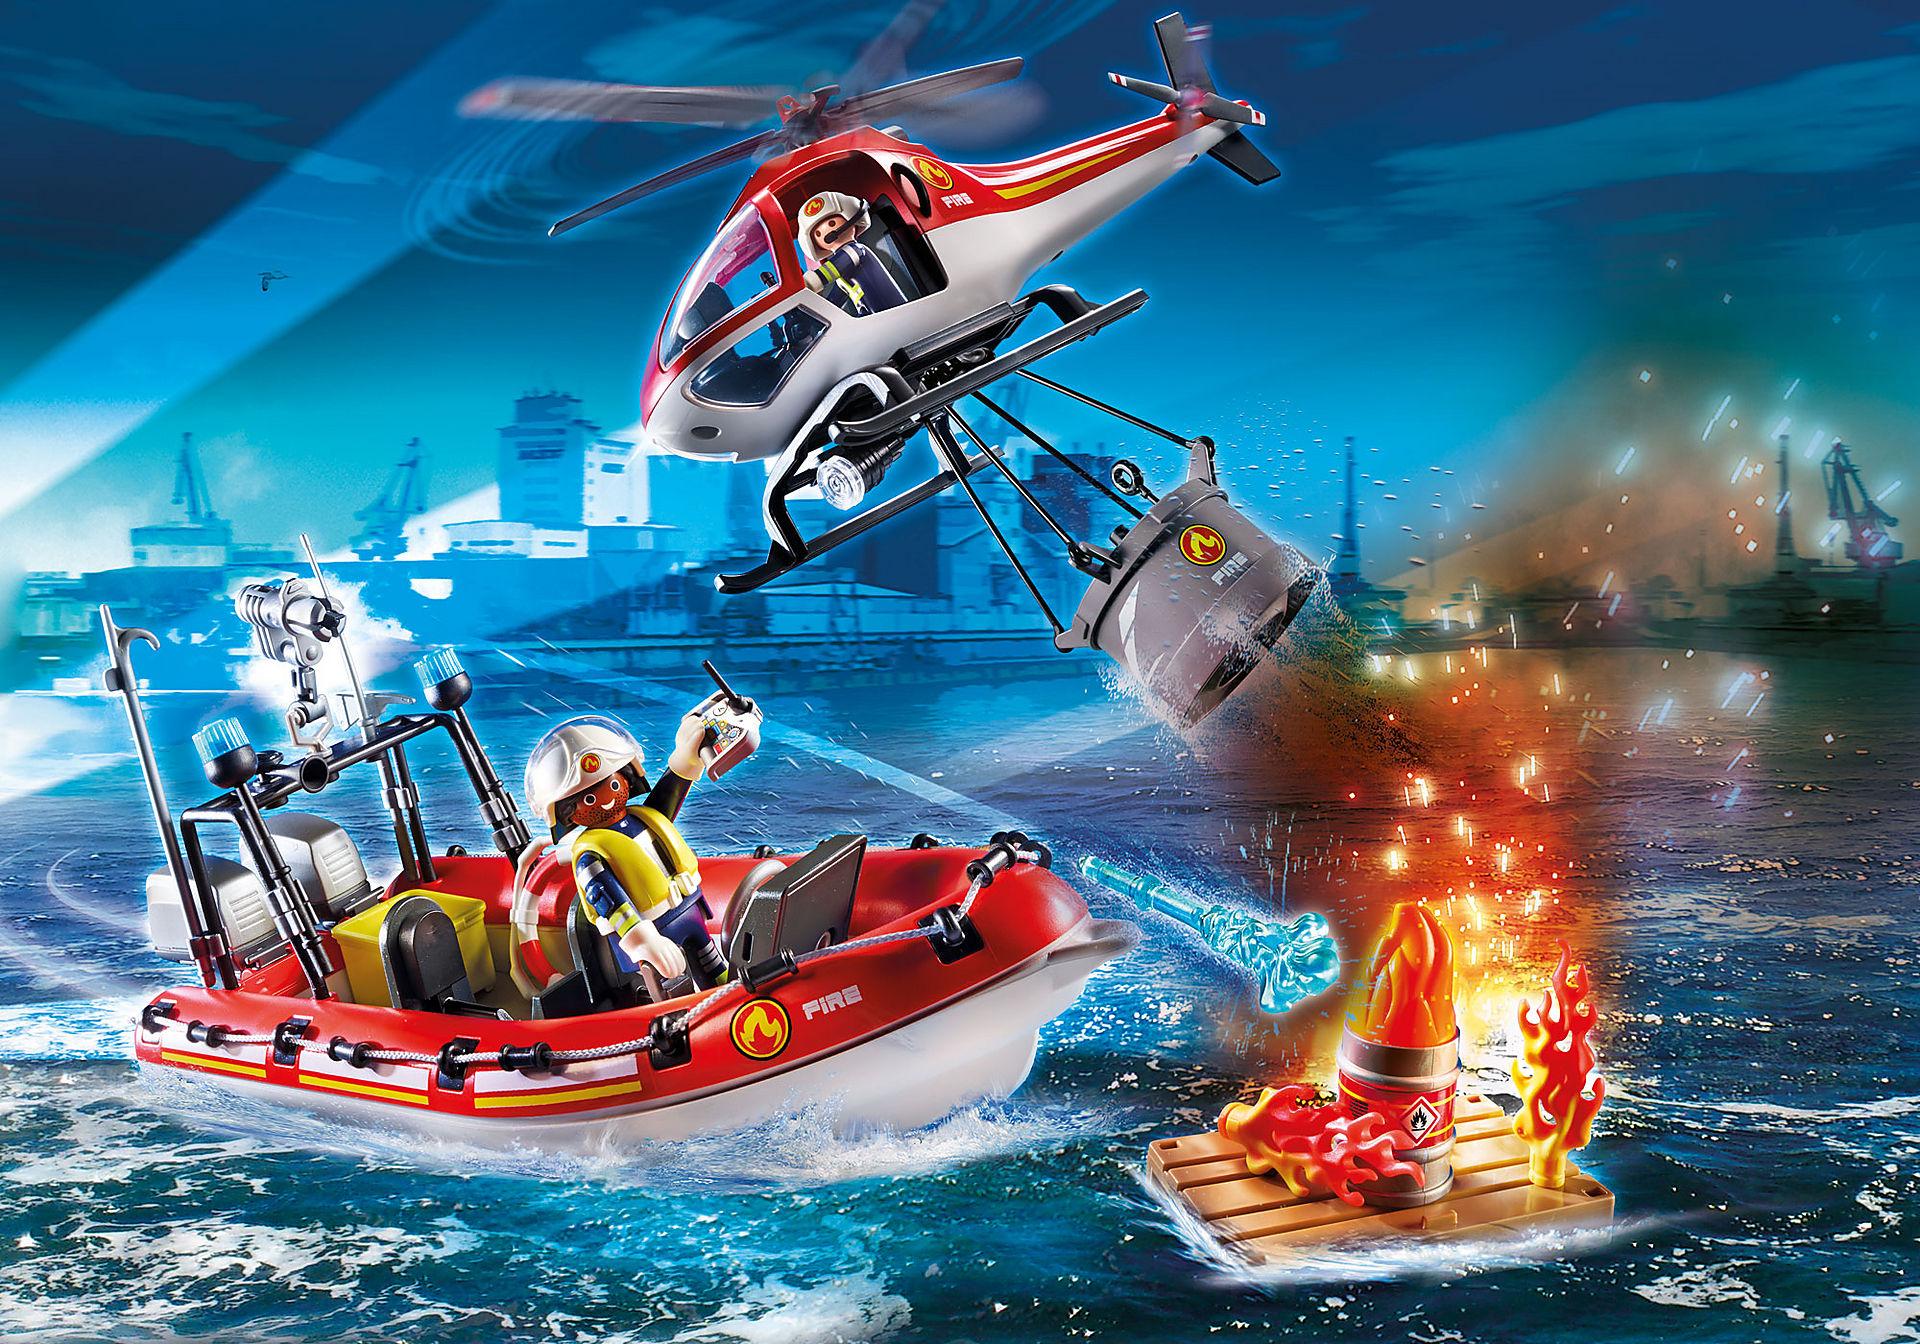 70335 Brandberedskab med helikopter og båd zoom image1